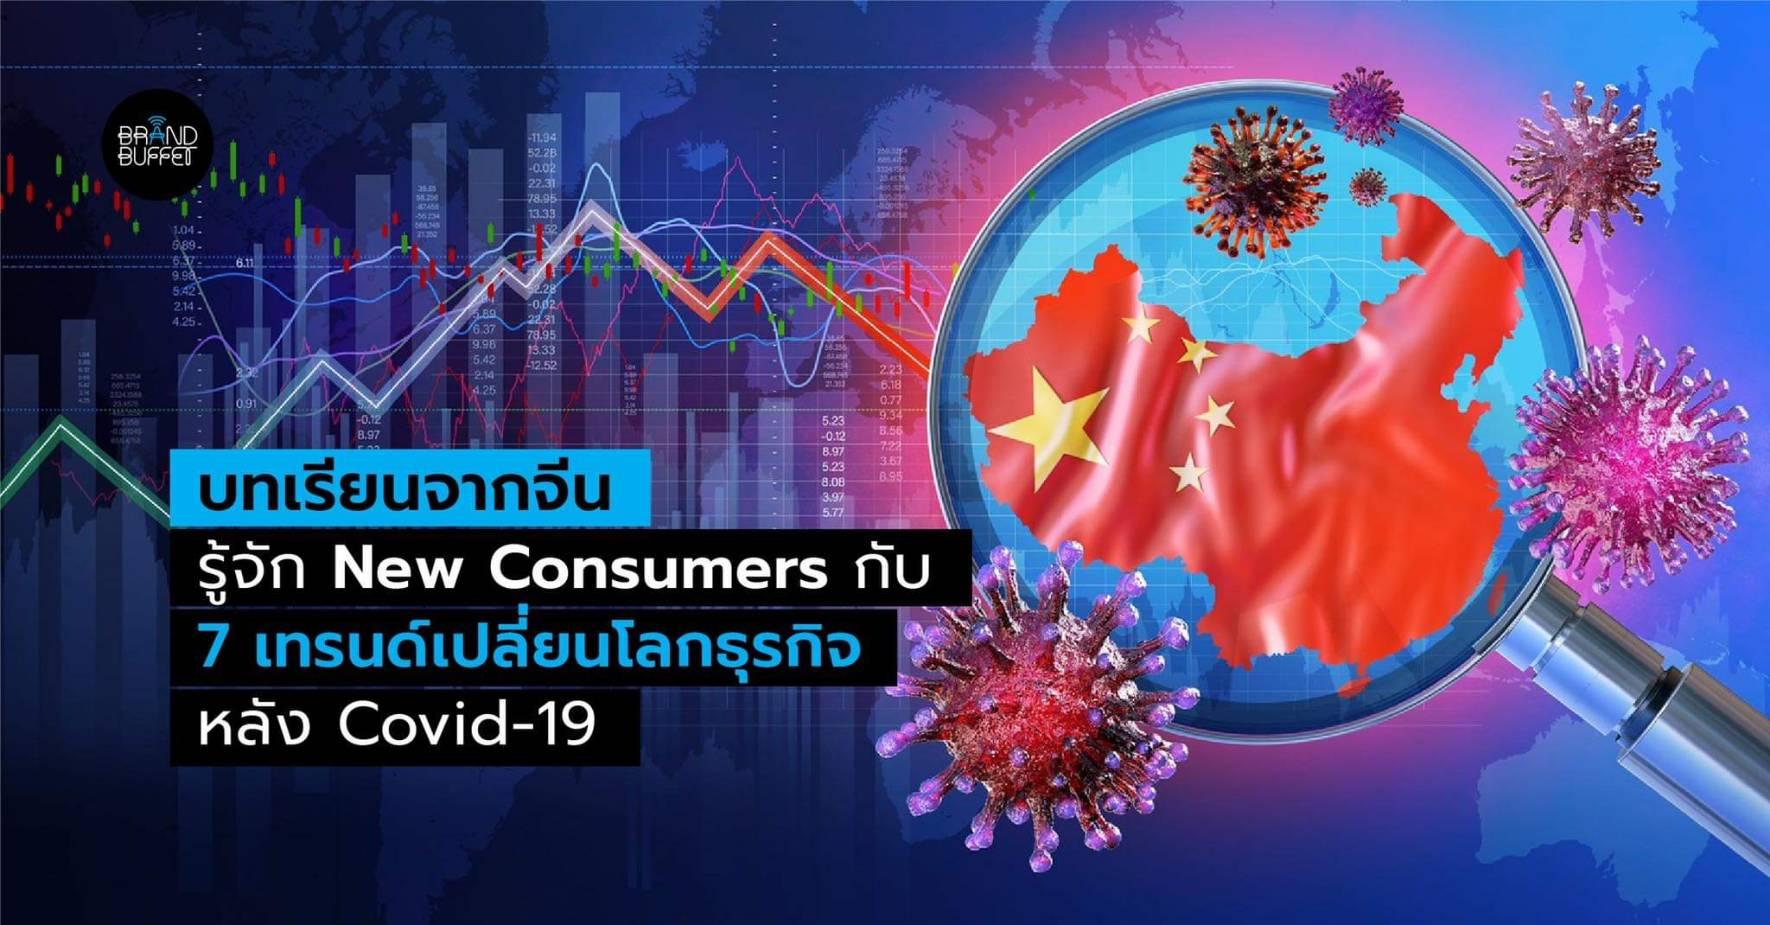 บทเรียนเปิดเมืองจากจีน รู้จัก New Consumers กับ 7 เทรนด์เปลี่ยนโลกธุรกิจหลัง Covid-19